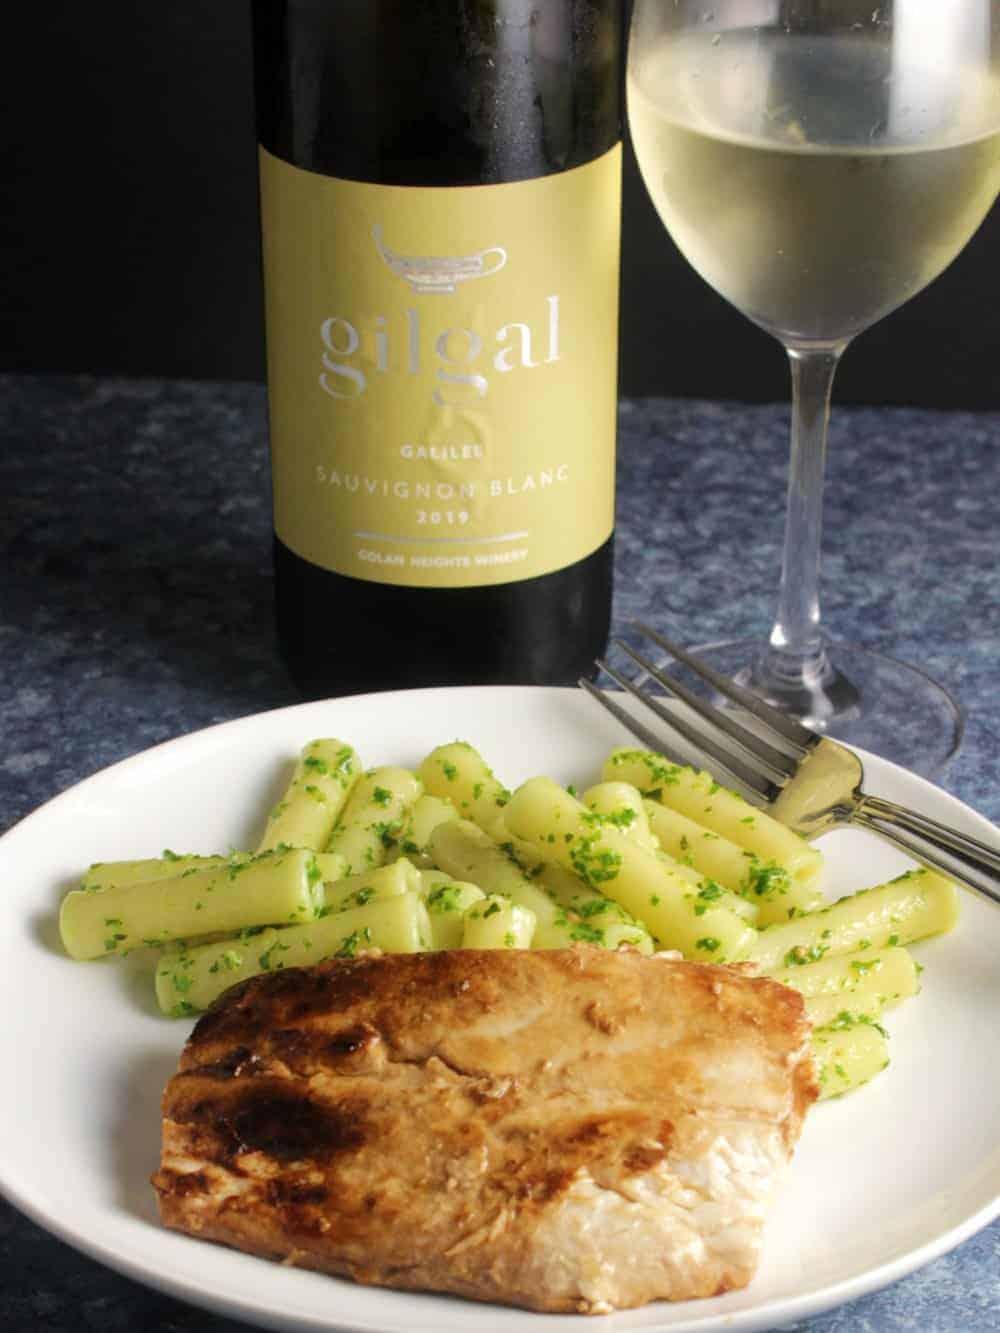 white wine served with mahi mahi and pasta